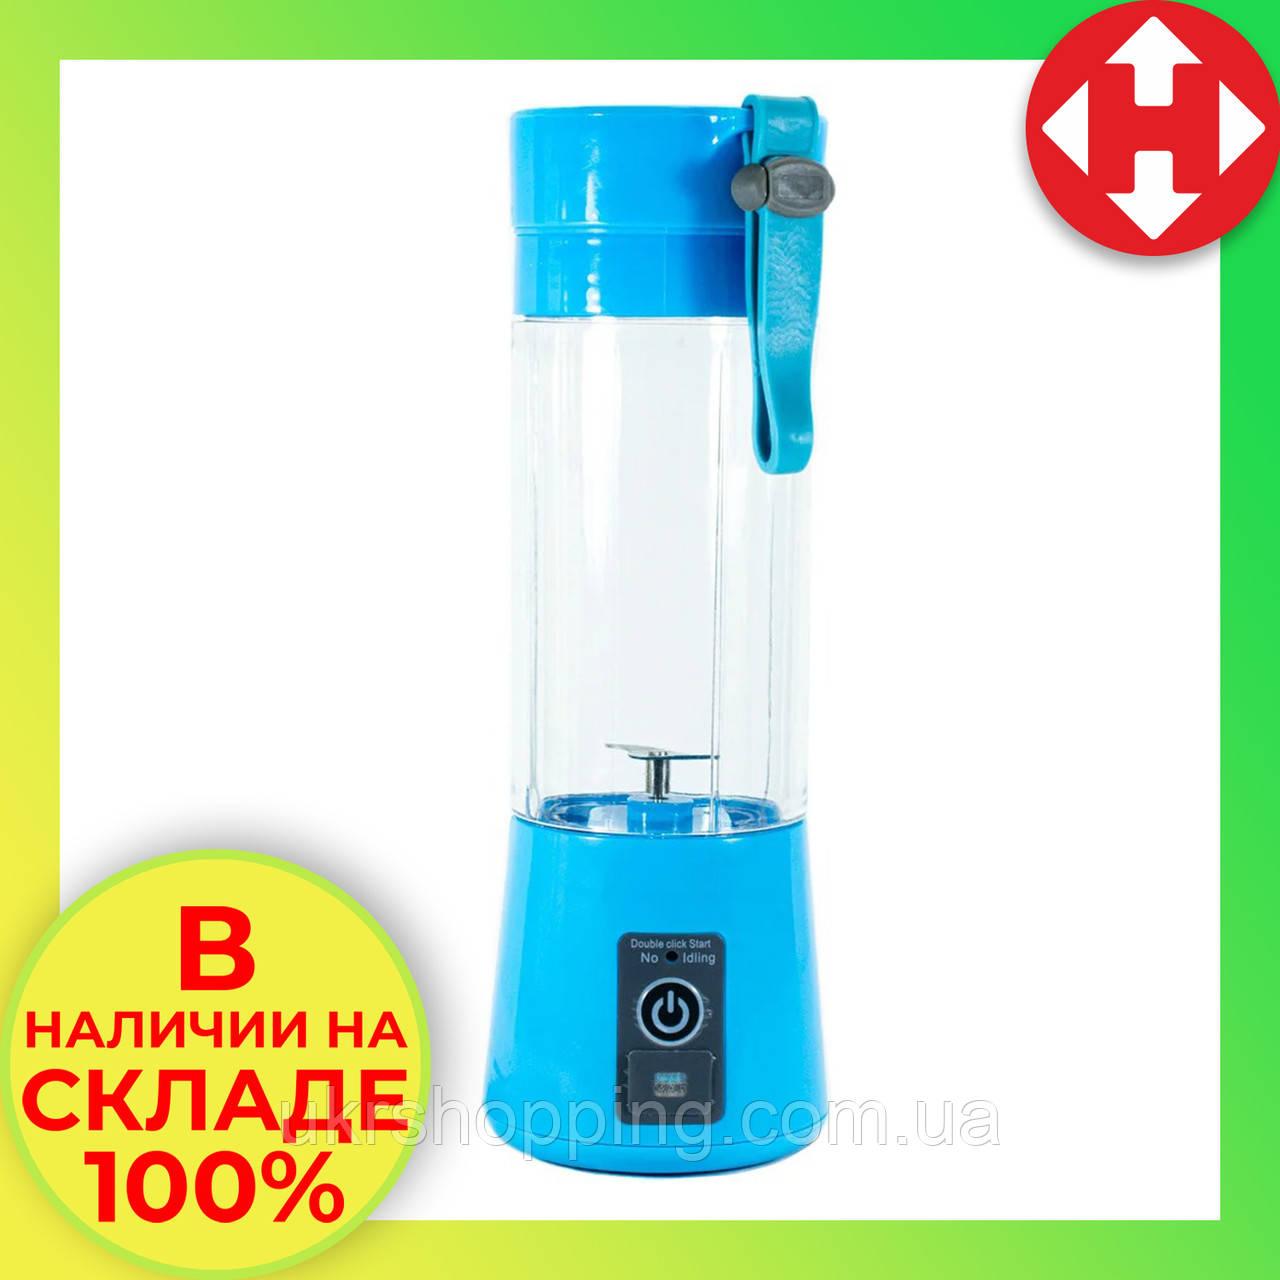 Распродажа! Смузи блендер беспроводной Juice Cup USB портативный  шейкер для смузи с бутылкой, голубой